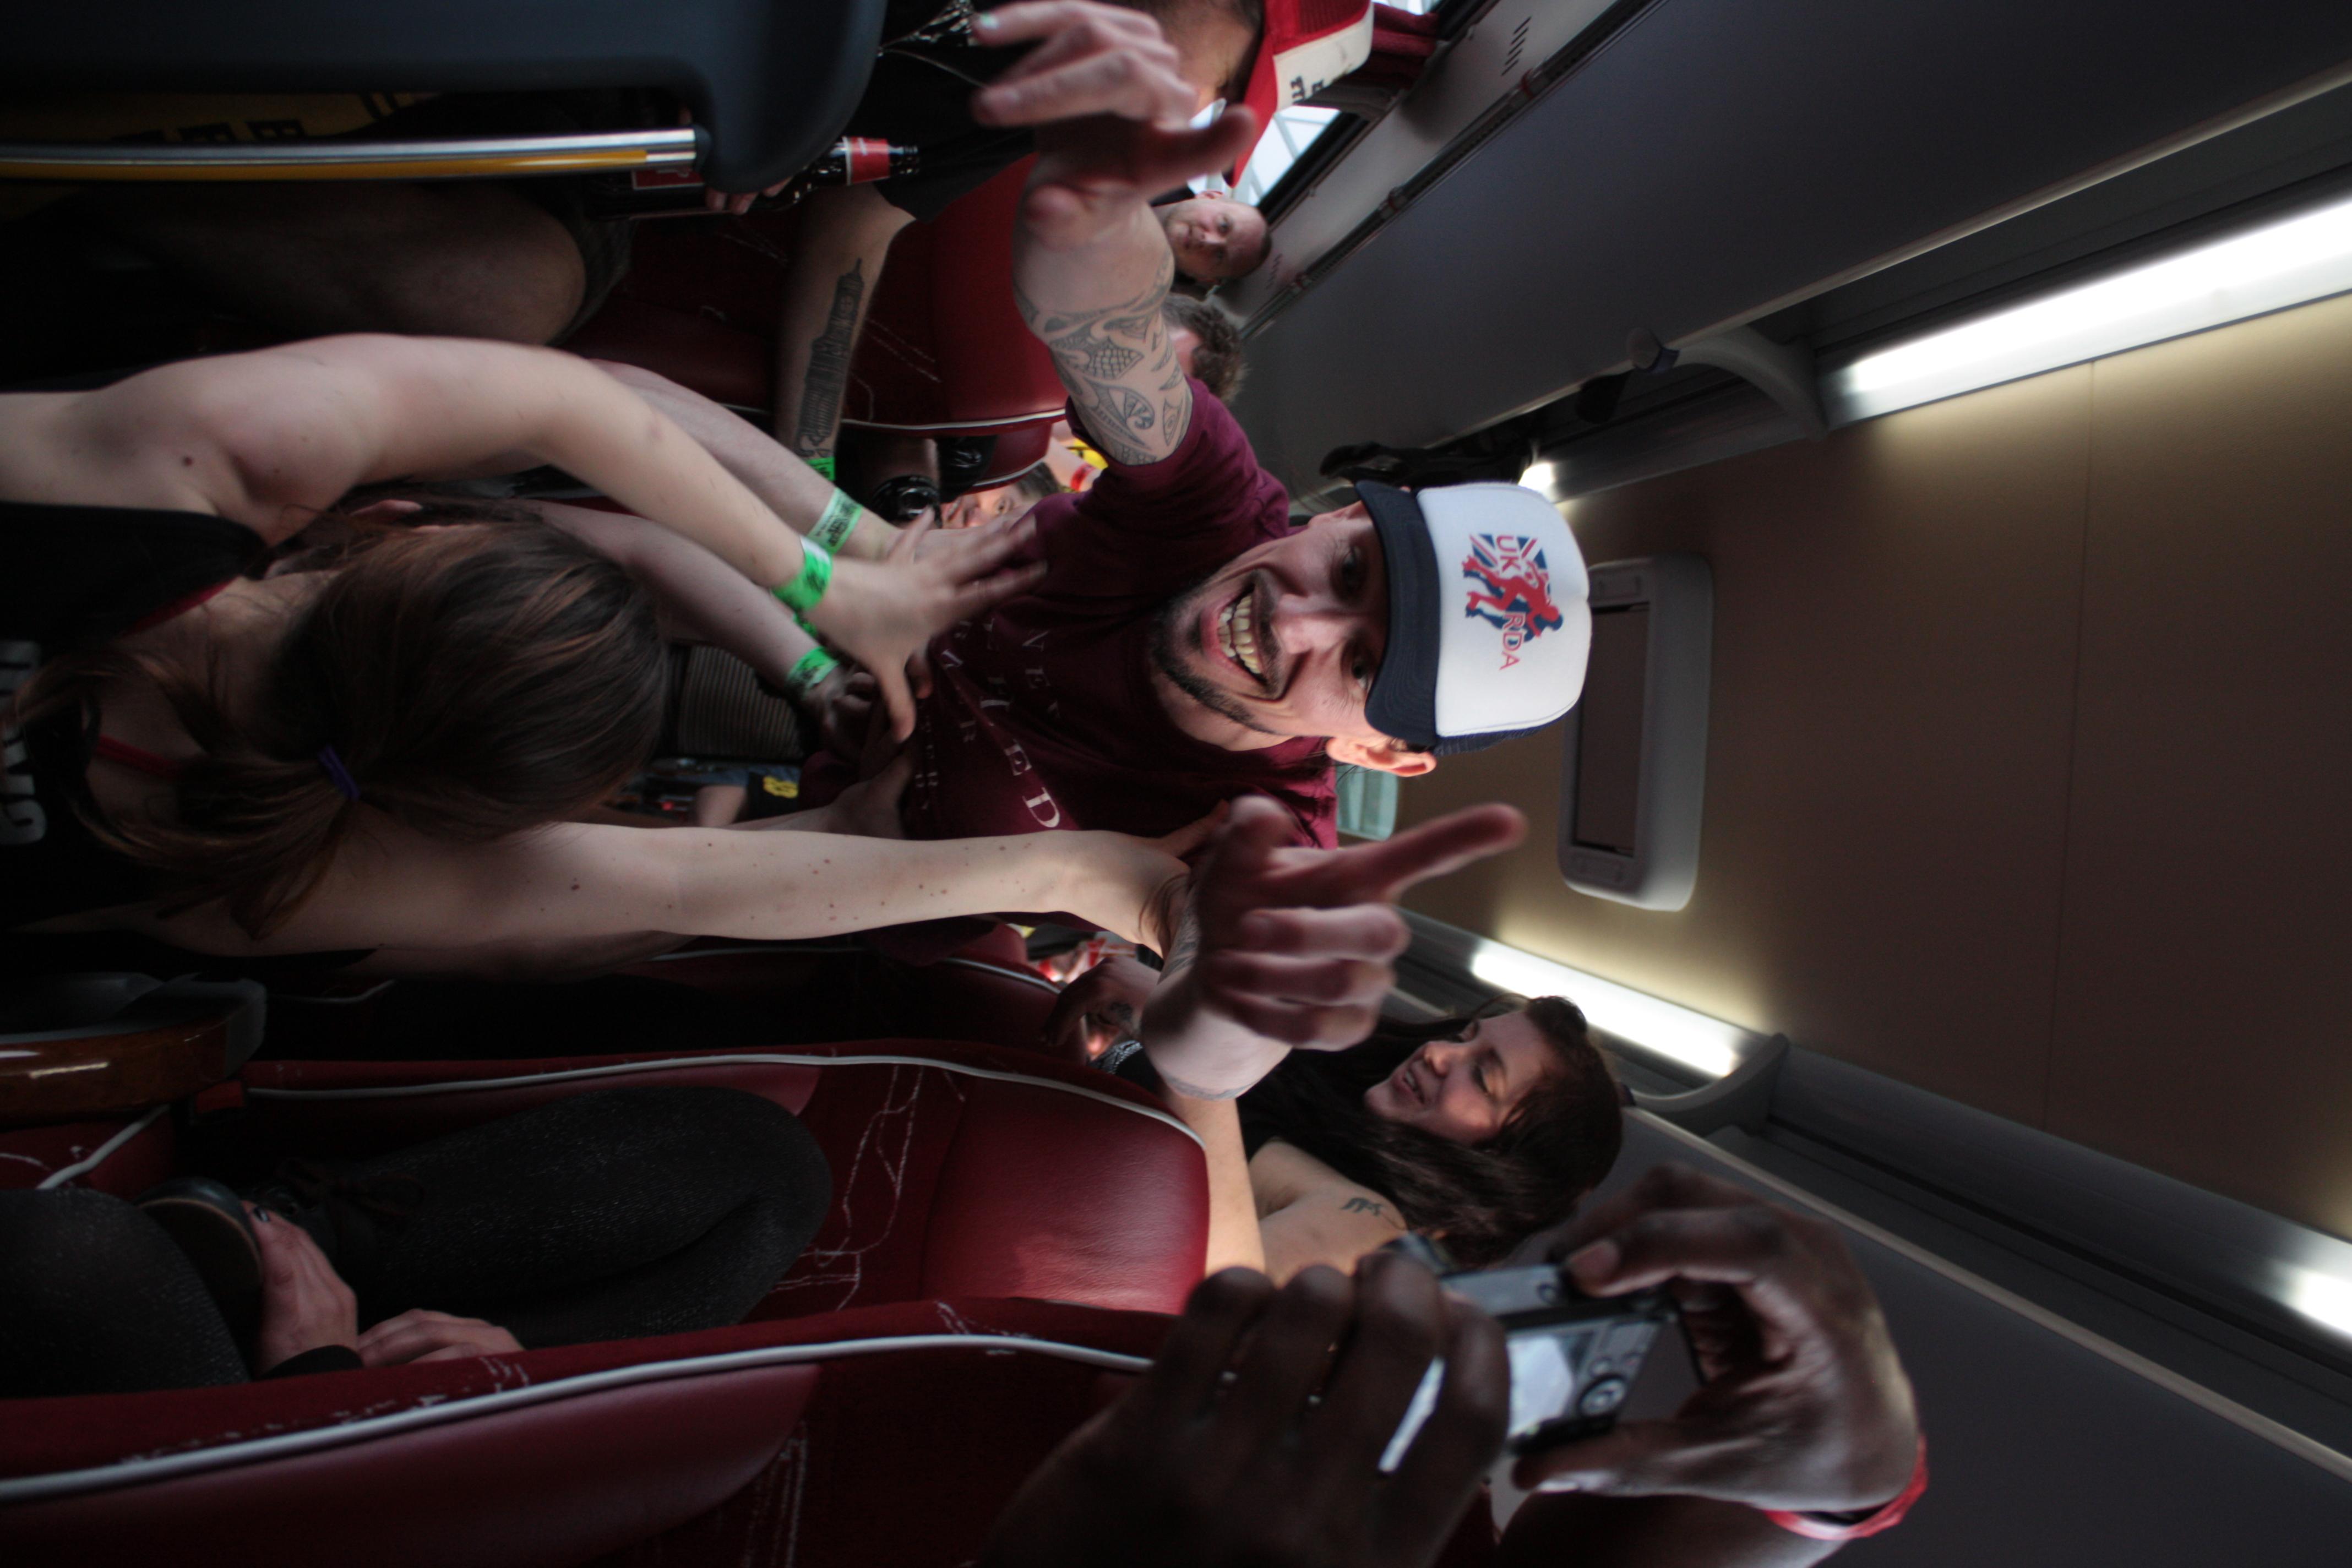 Bus surfing